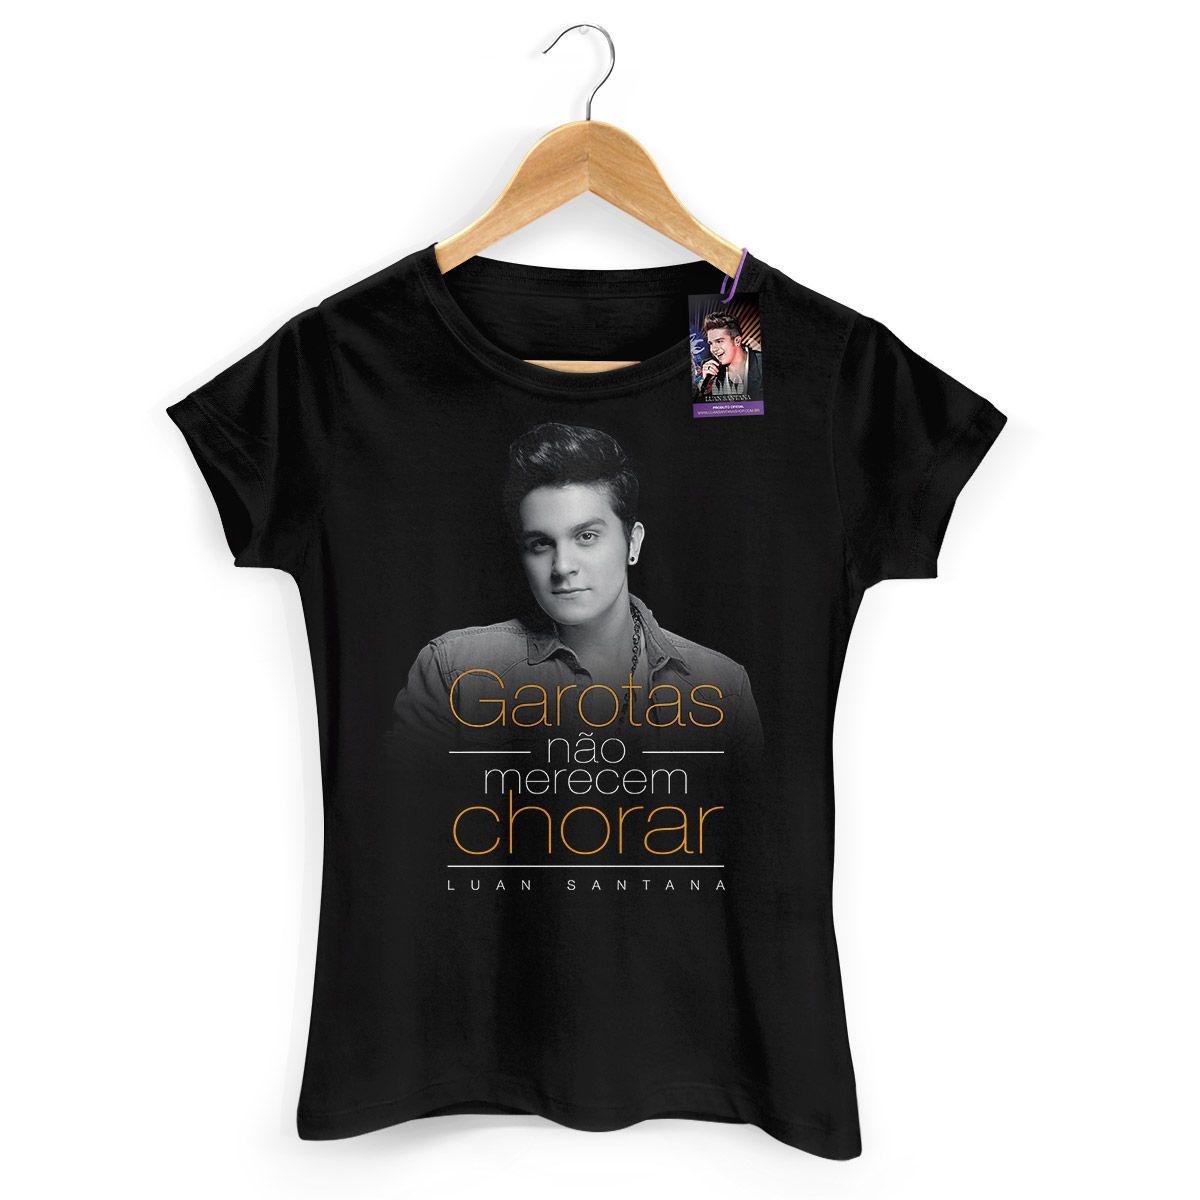 Camiseta Feminina Luan Santana - Garotas Não Merecem Chorar